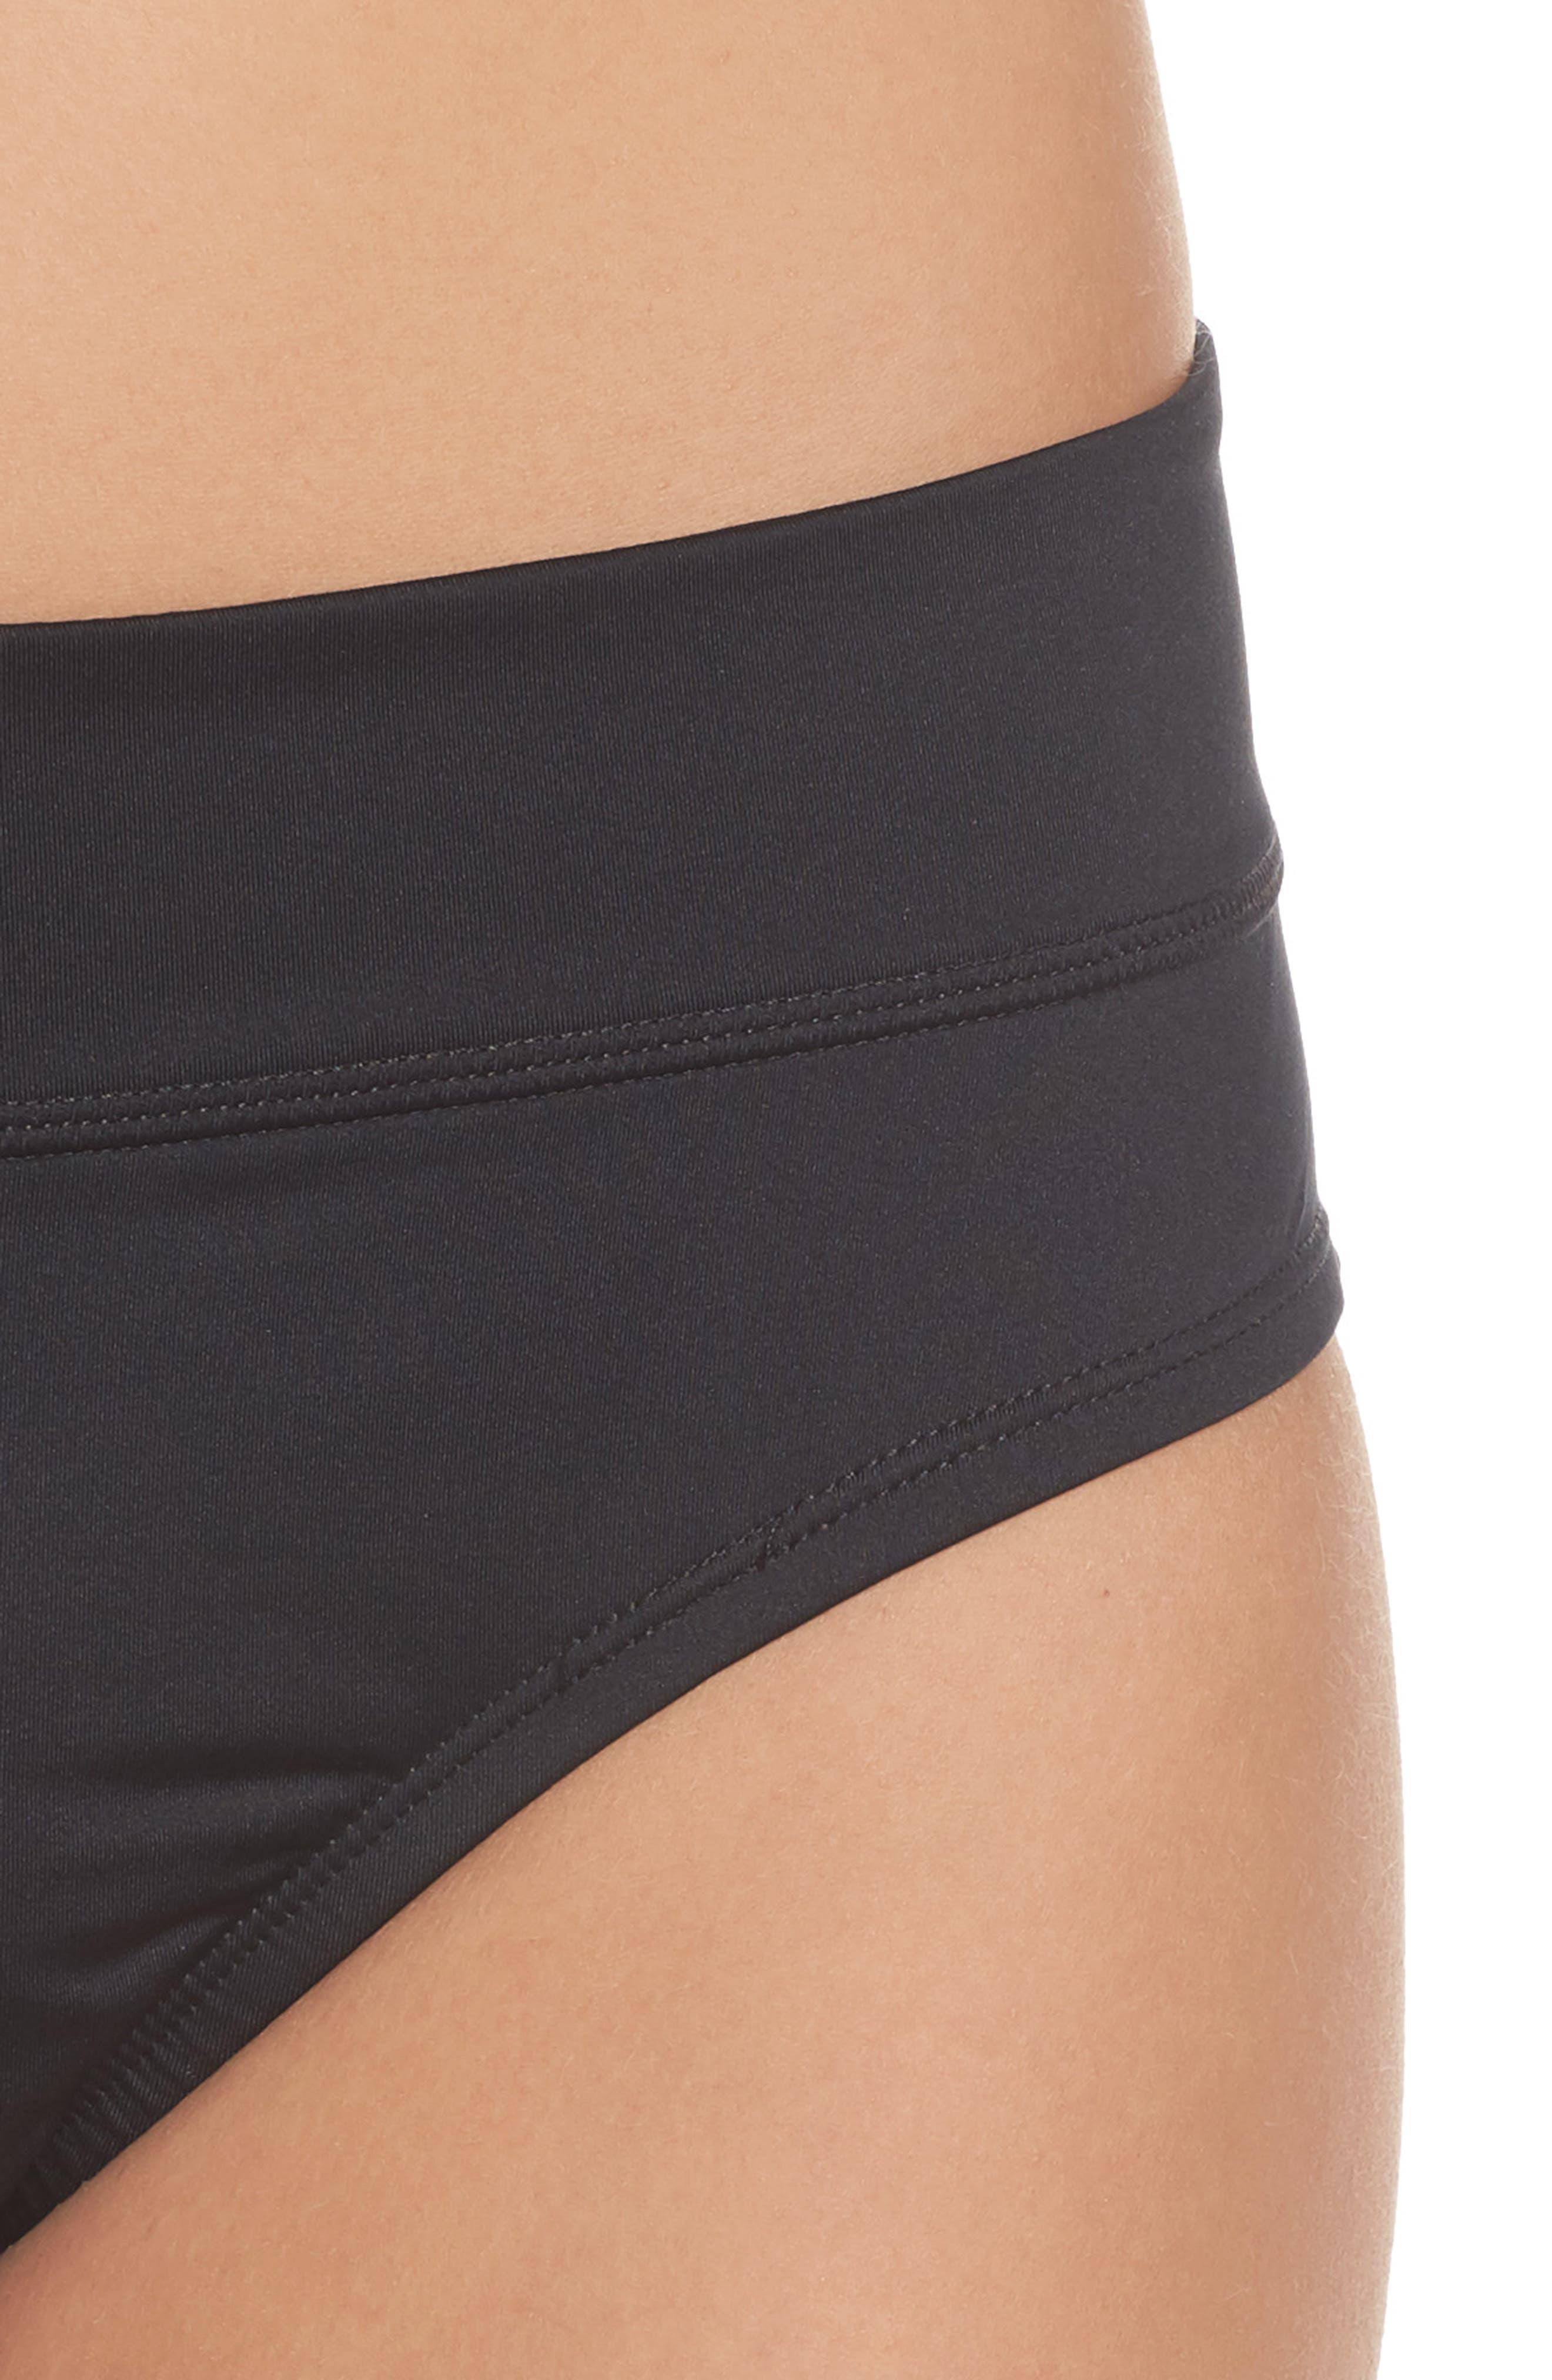 NIKE, Full Bikini Bottoms, Alternate thumbnail 5, color, BLACK